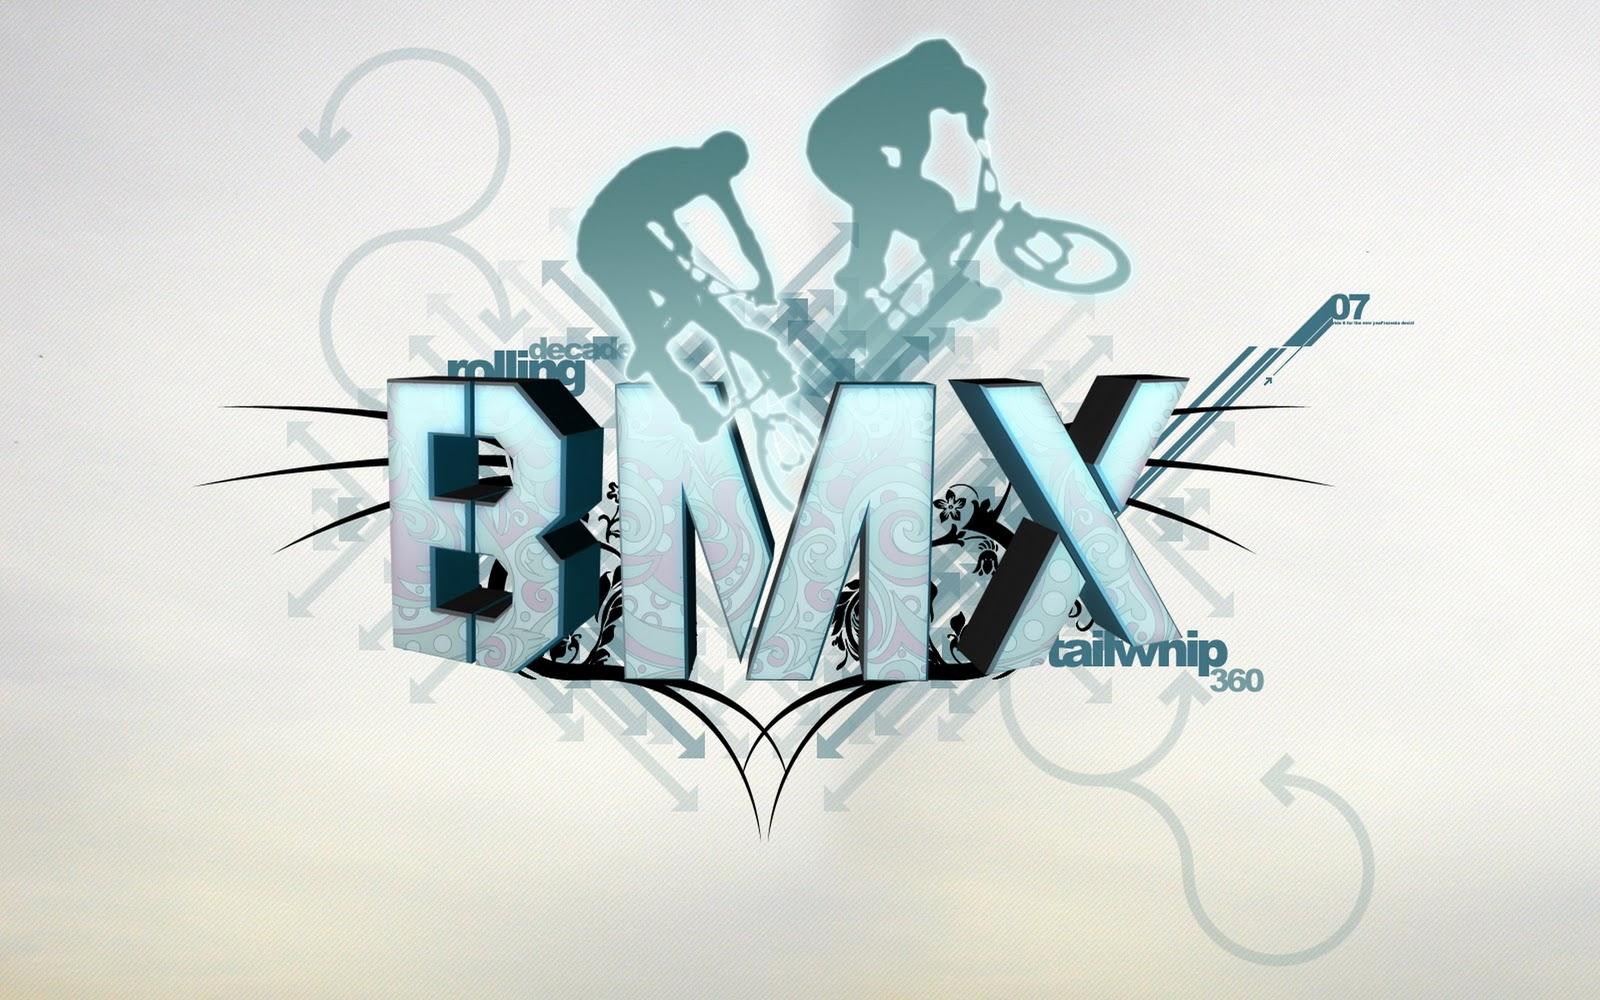 http://2.bp.blogspot.com/-PXjwtMg0B94/TZJxkrhaEcI/AAAAAAAAAFU/OSCu4scwmkI/s1600/wallpaper-bmx.jpg